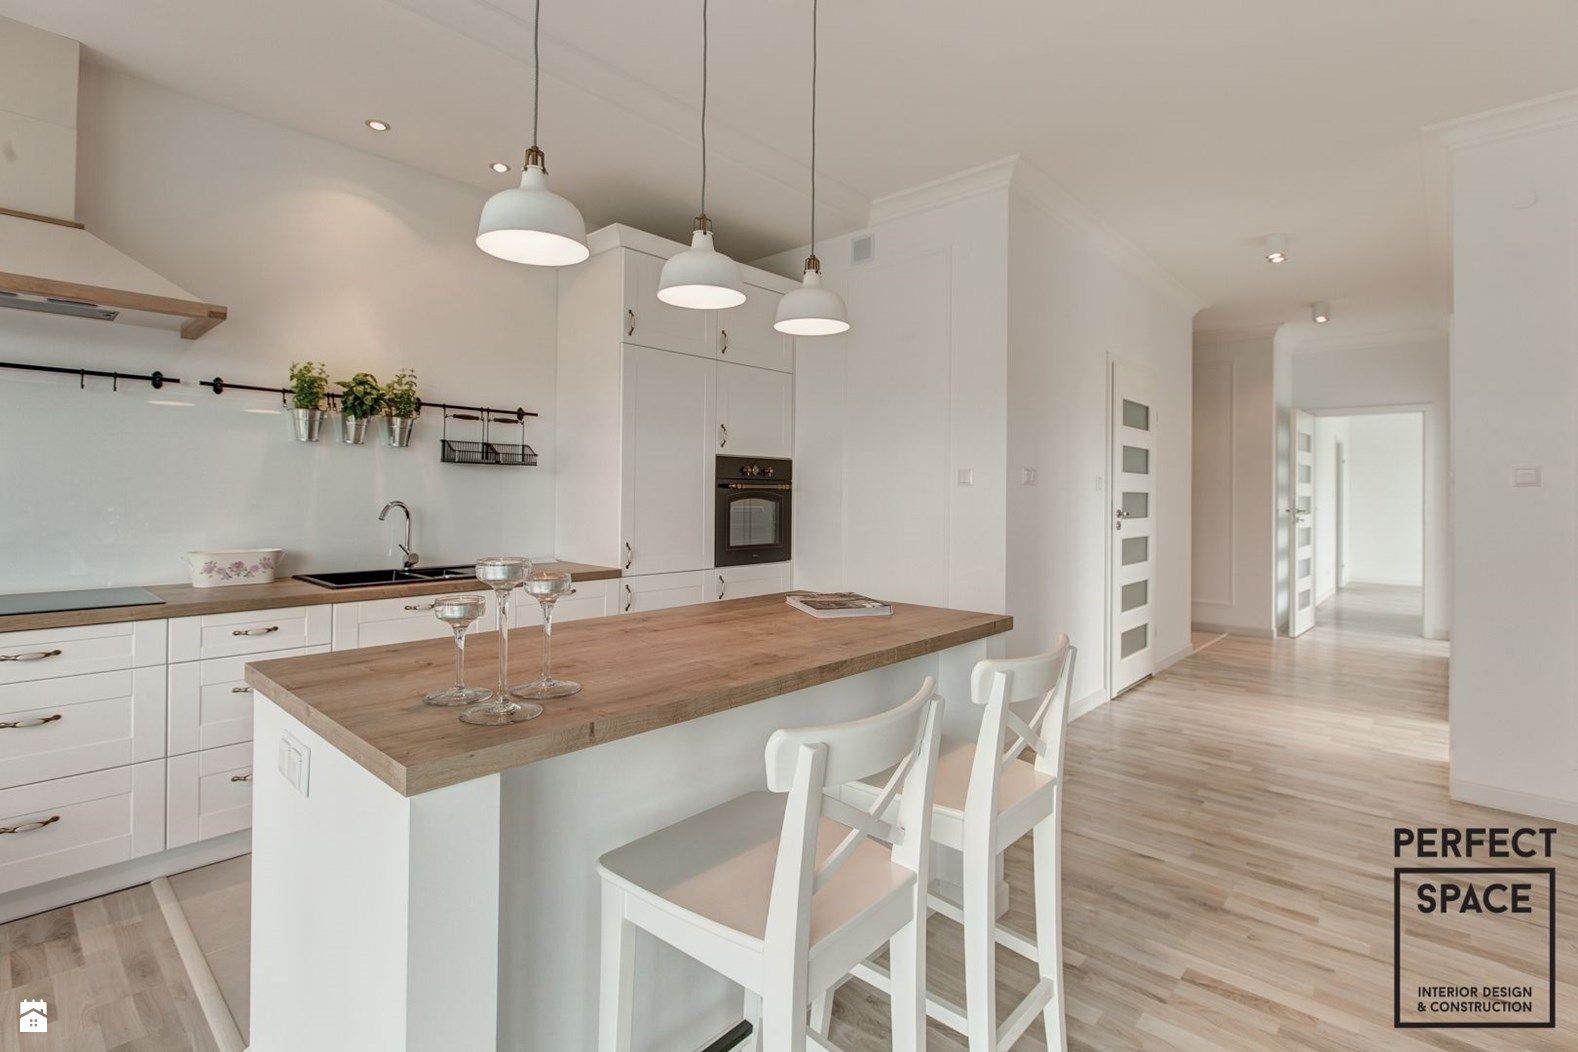 Zdjecie Kuchnia Styl Skandynawski Small Apartment Kitchen Kitchen Interior Kitchen Plans